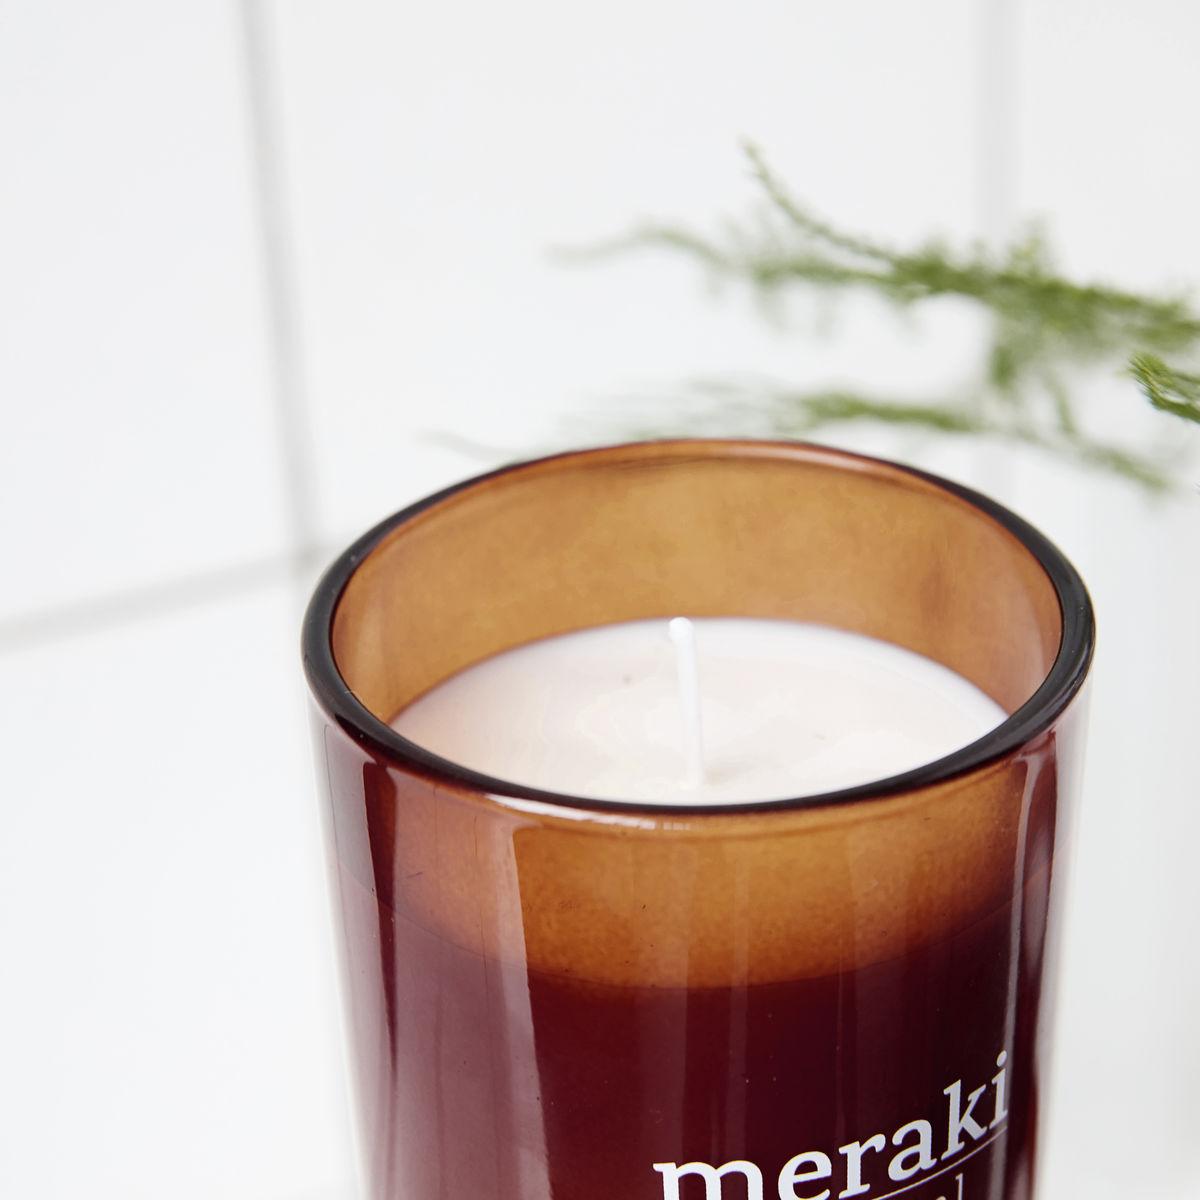 Mini Meraki Nordic Pine Candle